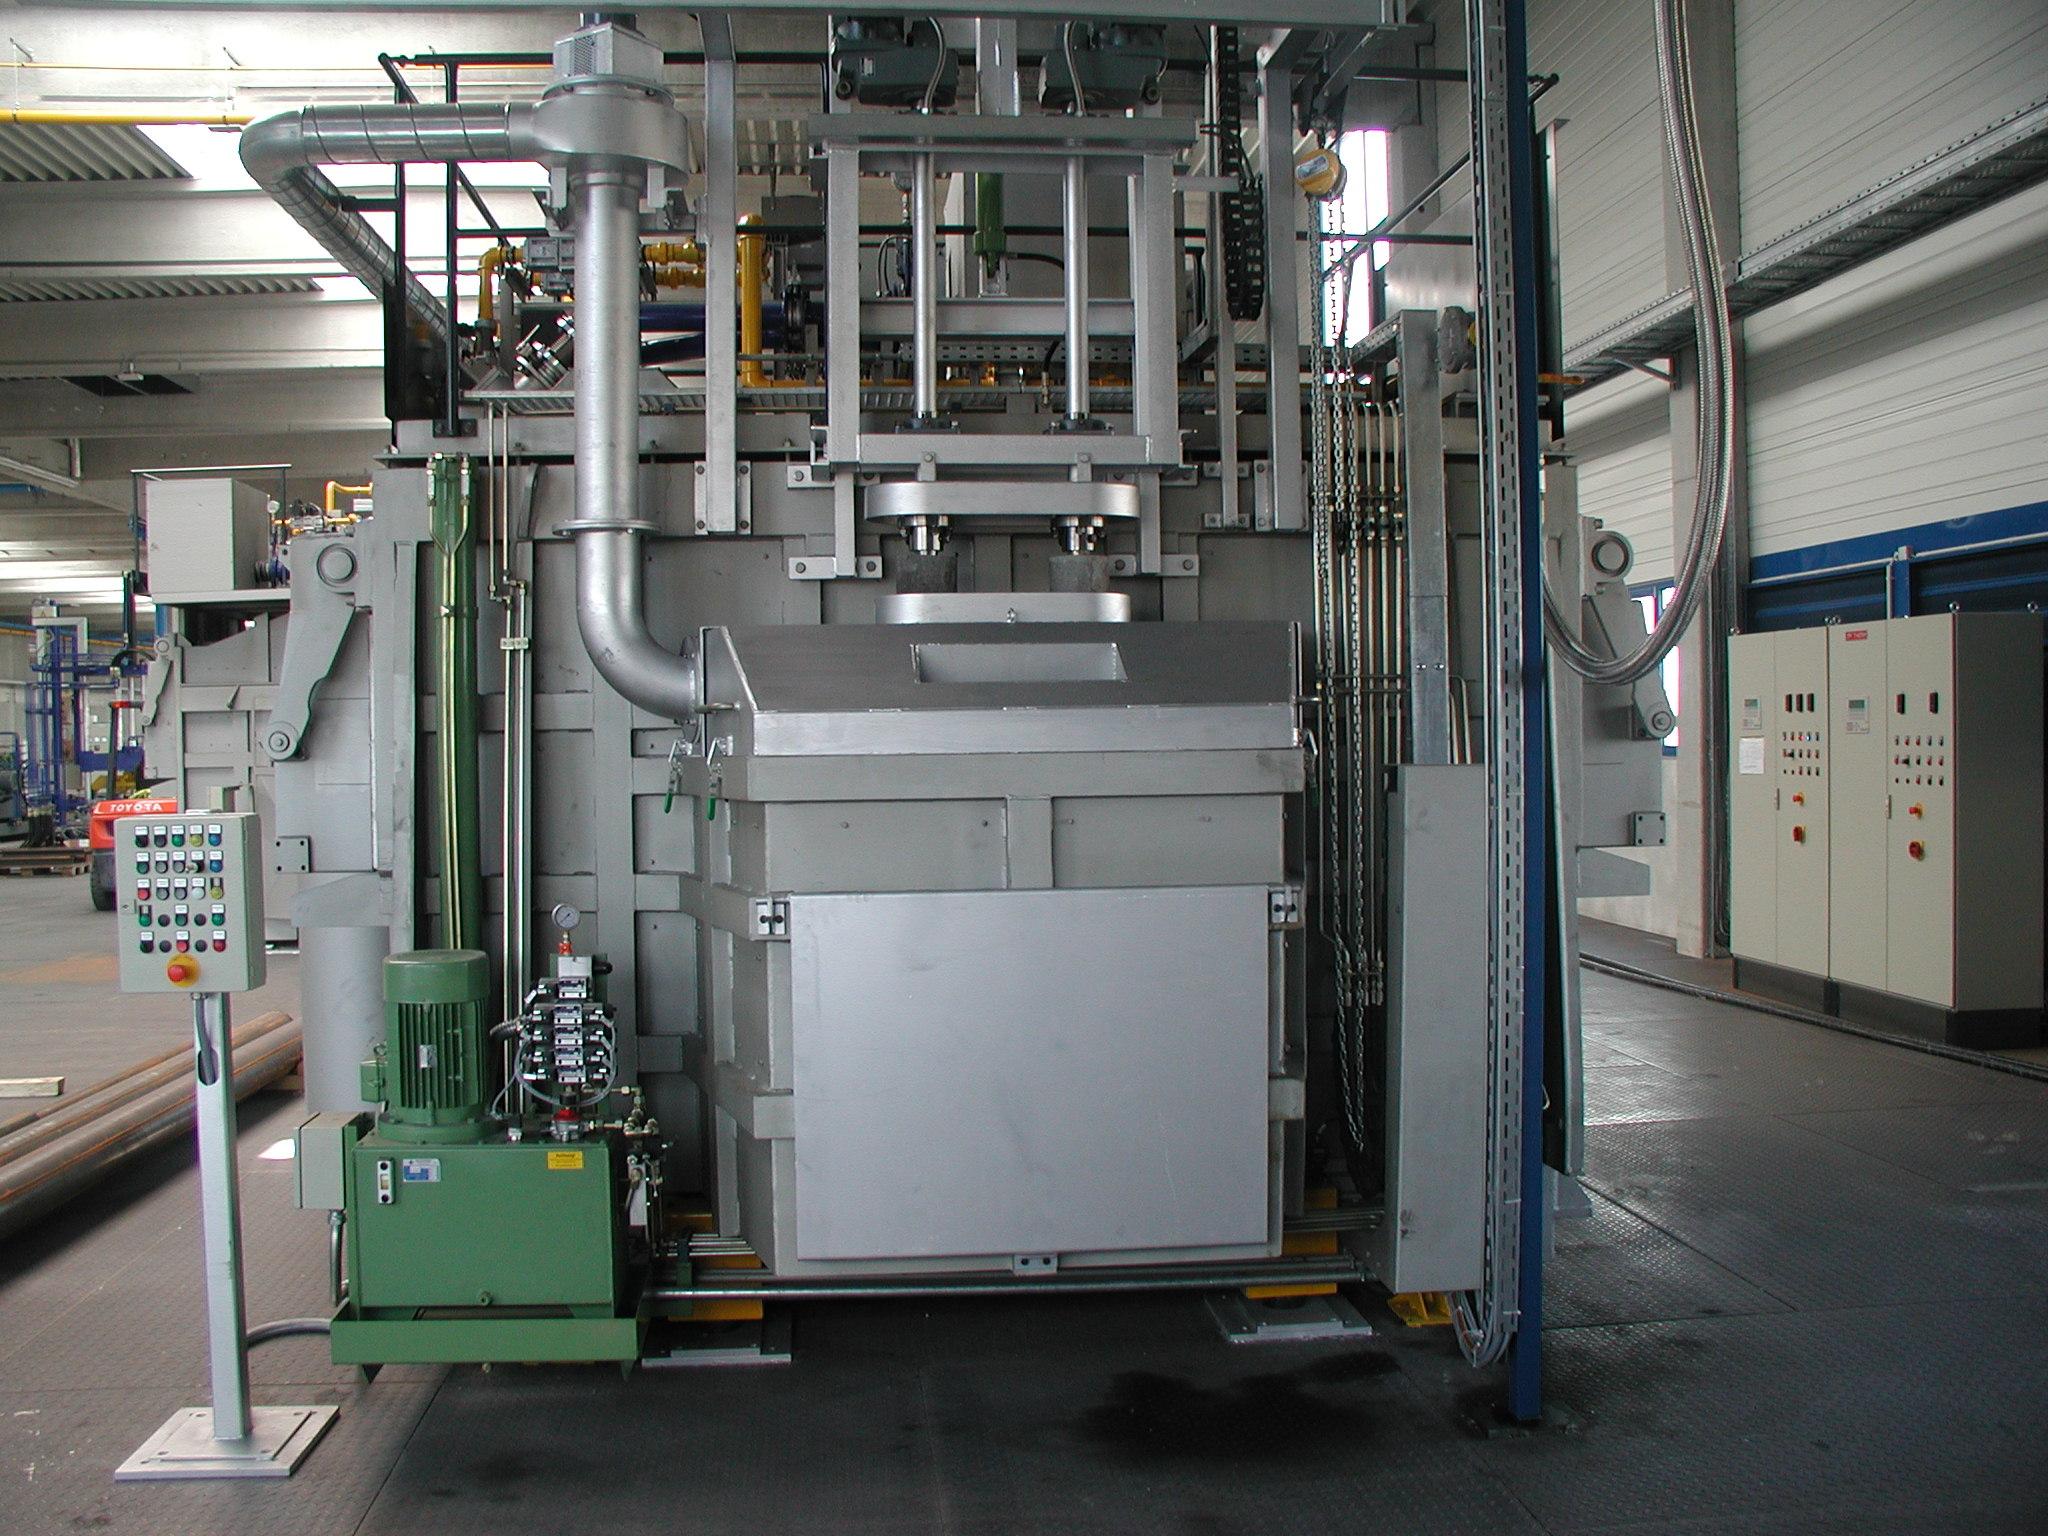 Bild 2: Spänetasche (ZPF GmbH)